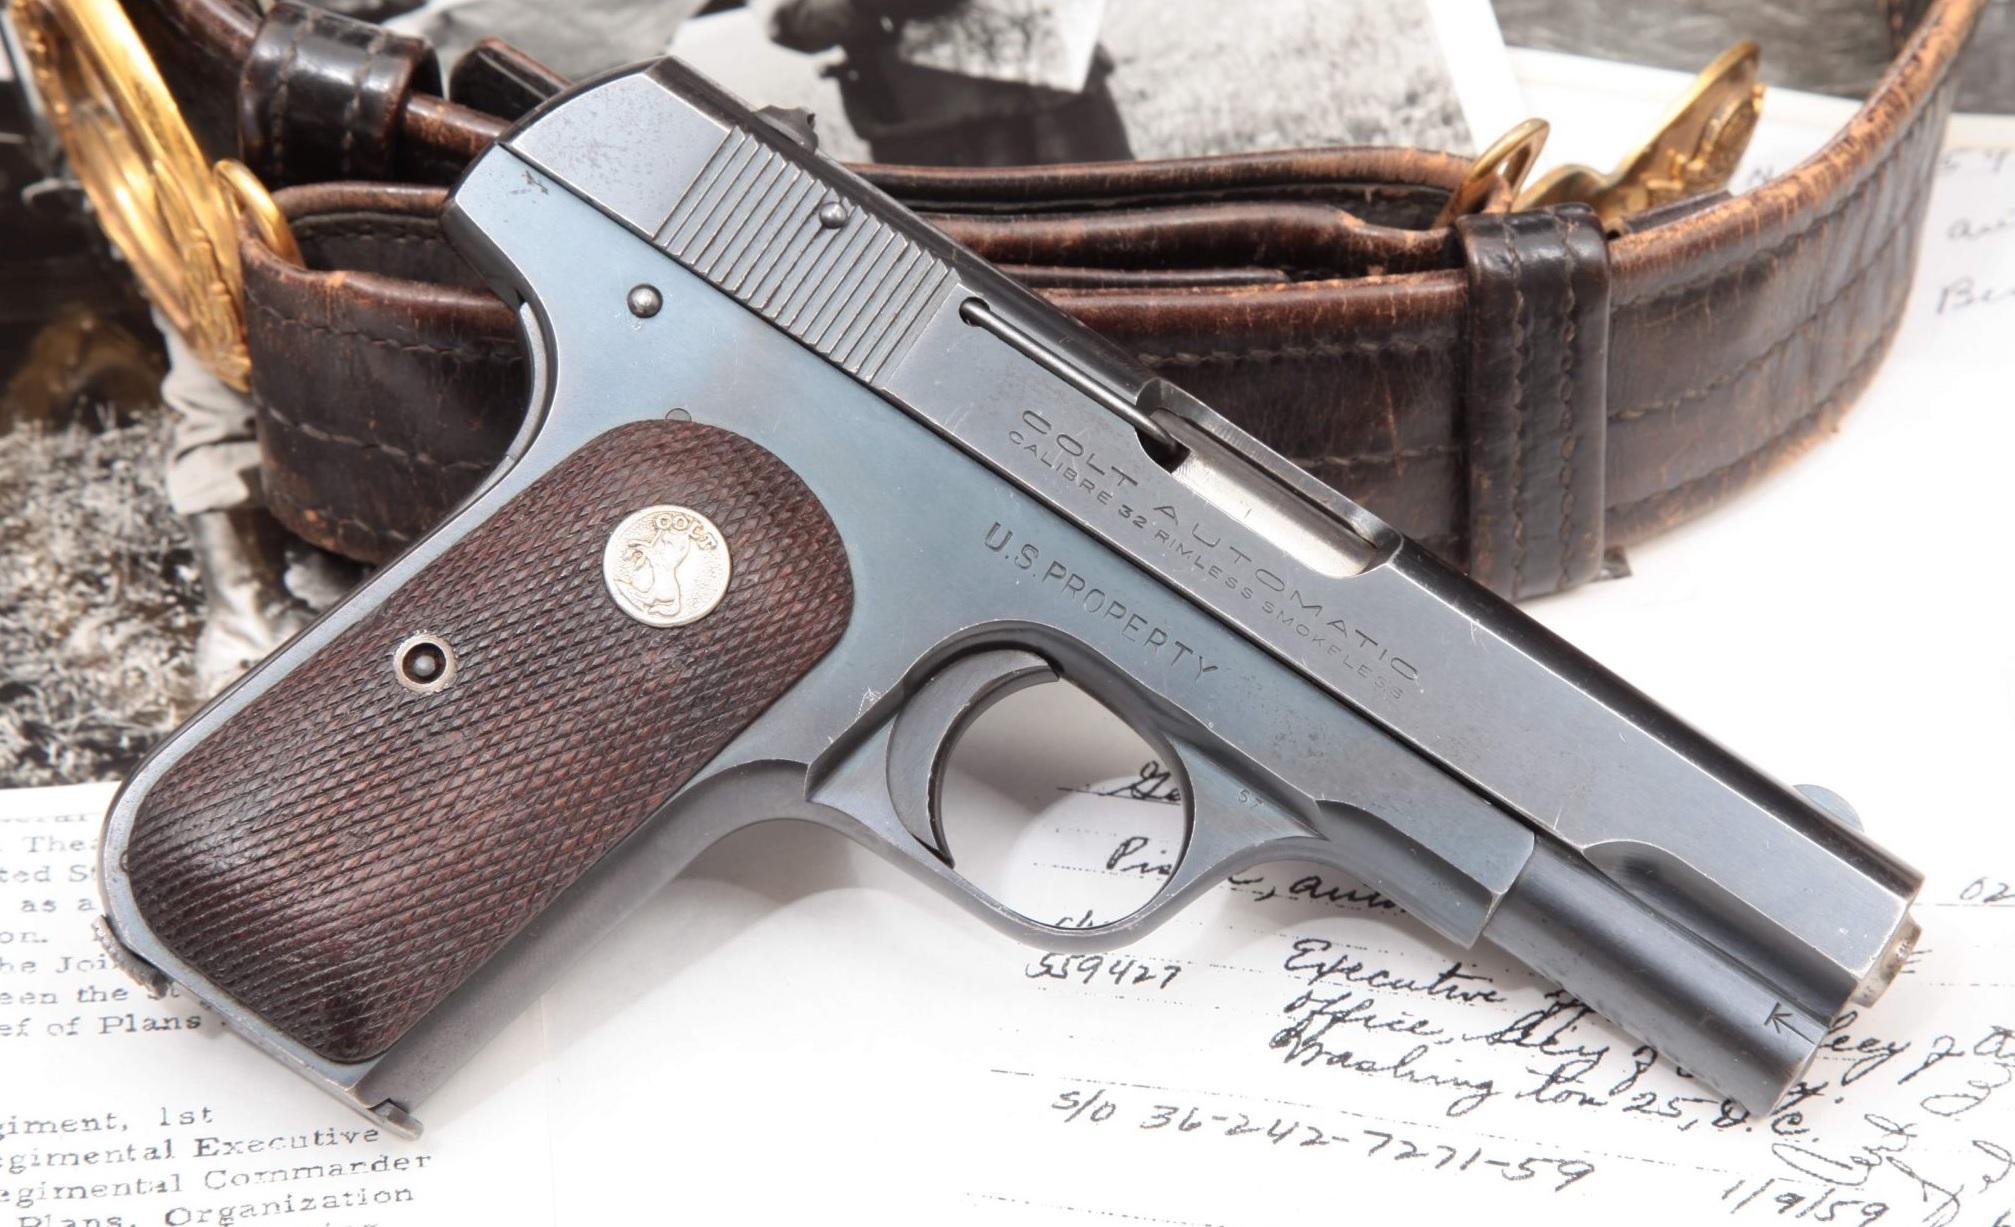 Colt Model 1903 General Officer's Pistol Issued to Major General Benjamin Franklin Taylor, WWII CBI